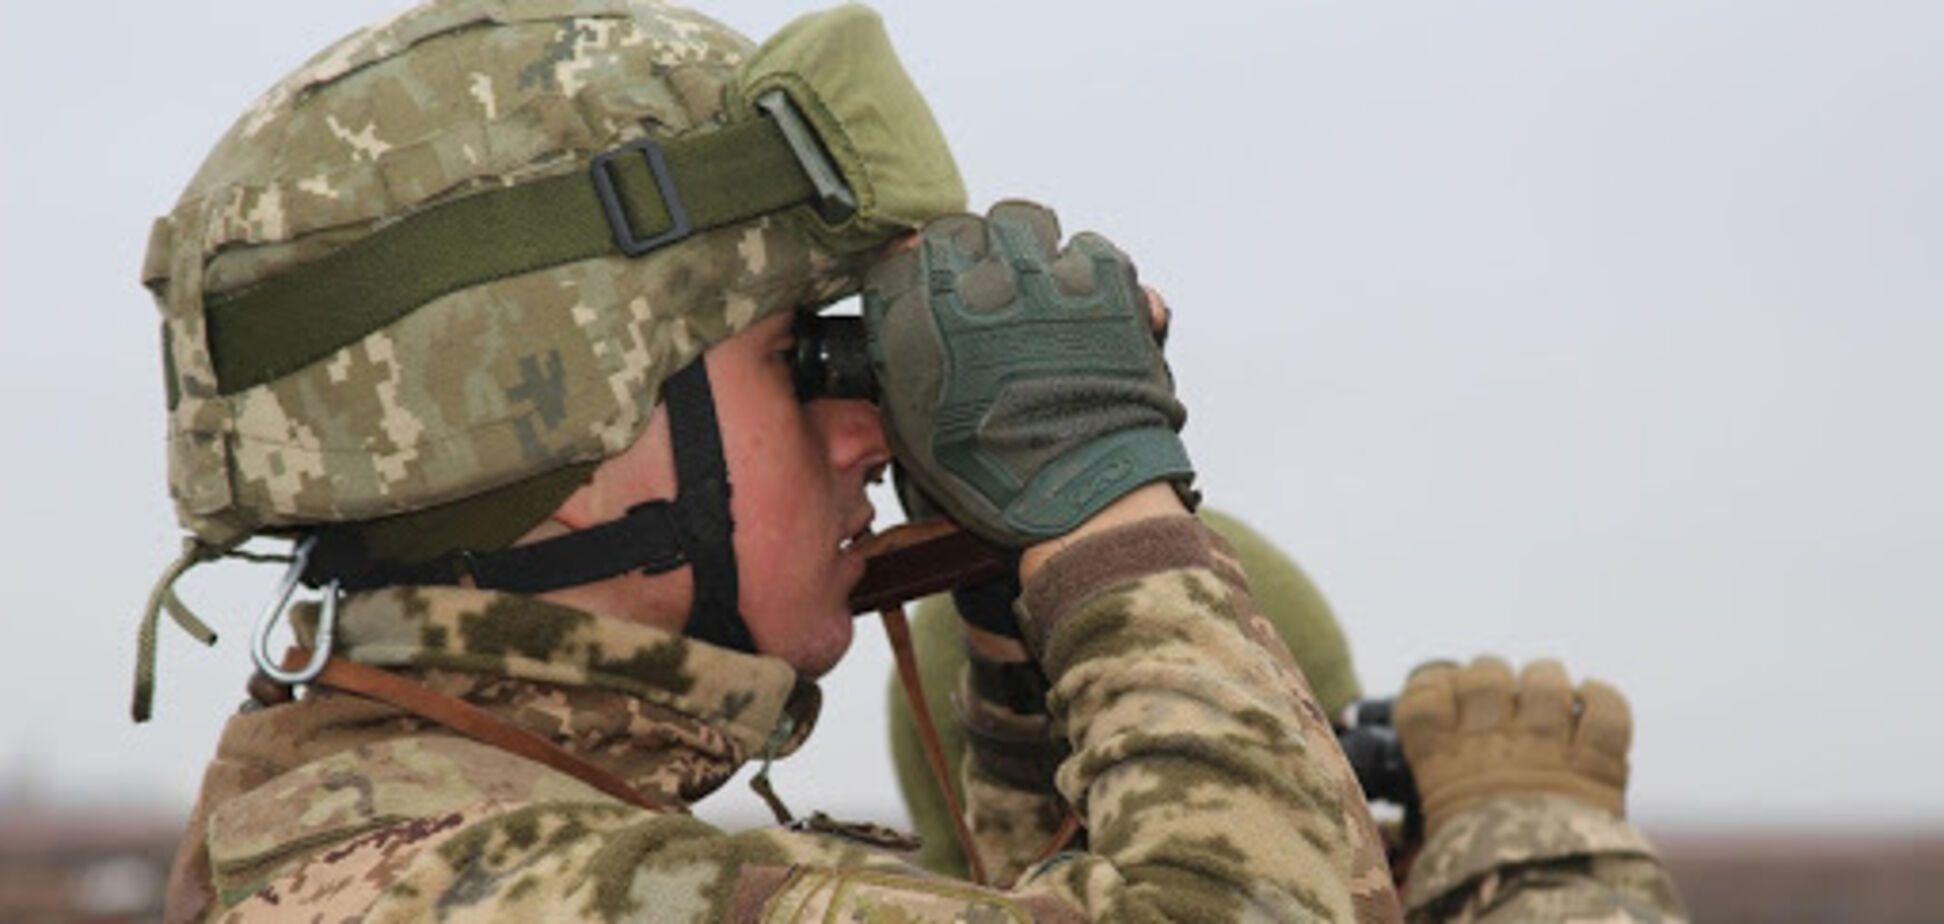 На Донбасі помітили міномети терористів біля лінії розмежування